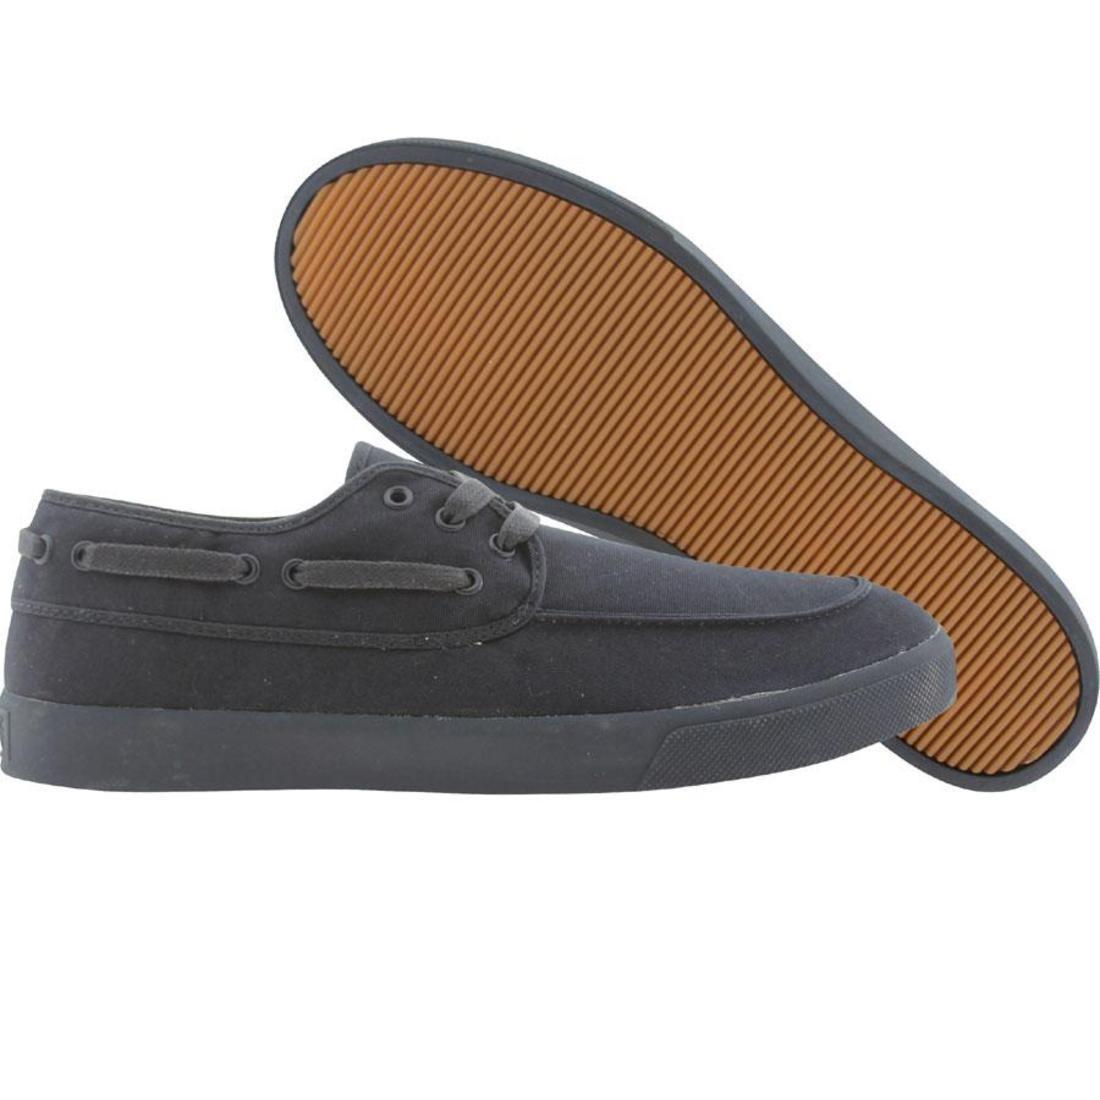 【海外限定】カジュアルシューズ メンズ靴 【 GENERIC SURPLUS BOAT SHOE CANVAS NAVY 】